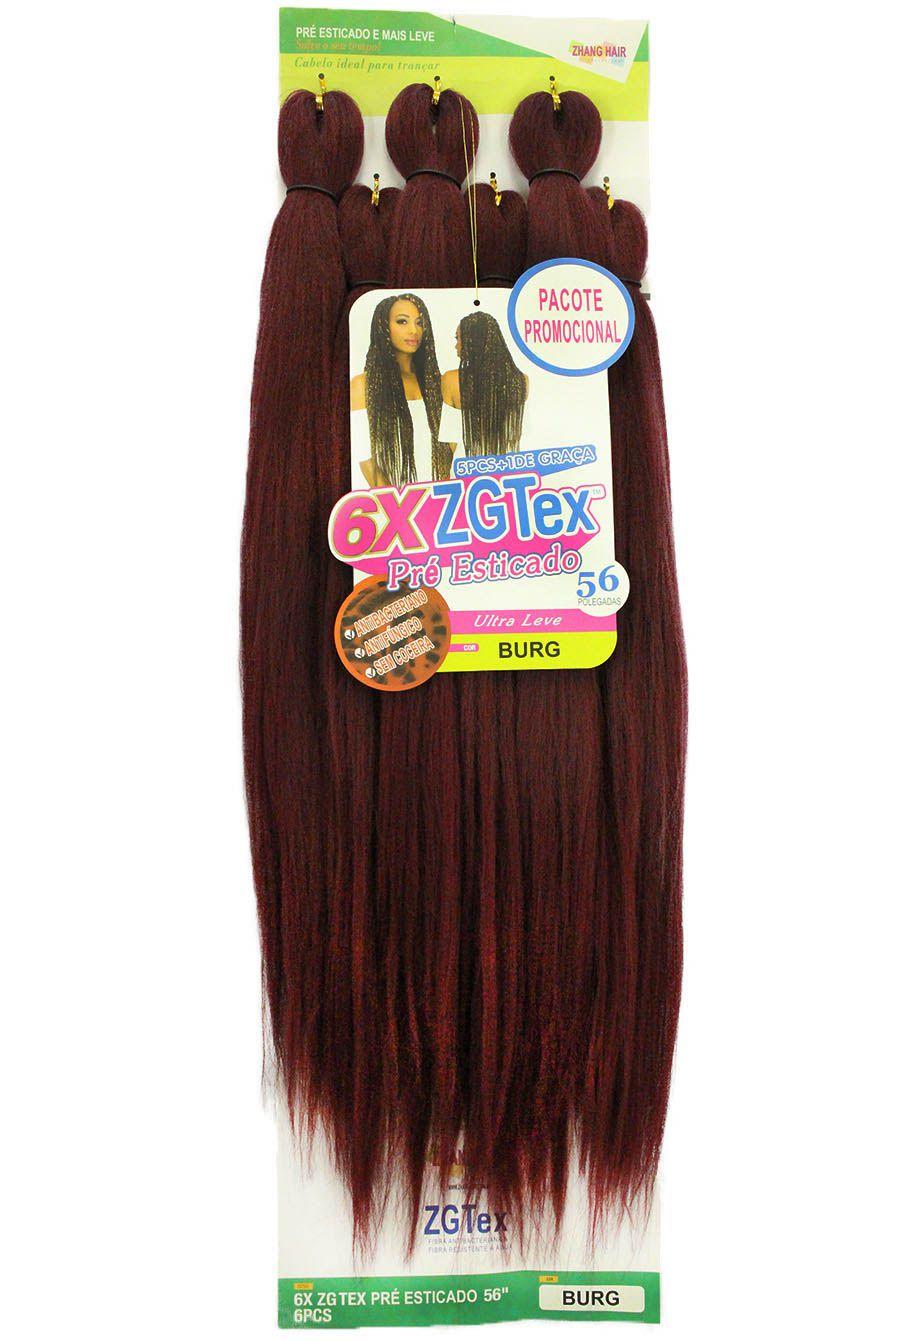 Jumbo - Zhang Hair - 6X ZGTex (400g) - Cor: BURG